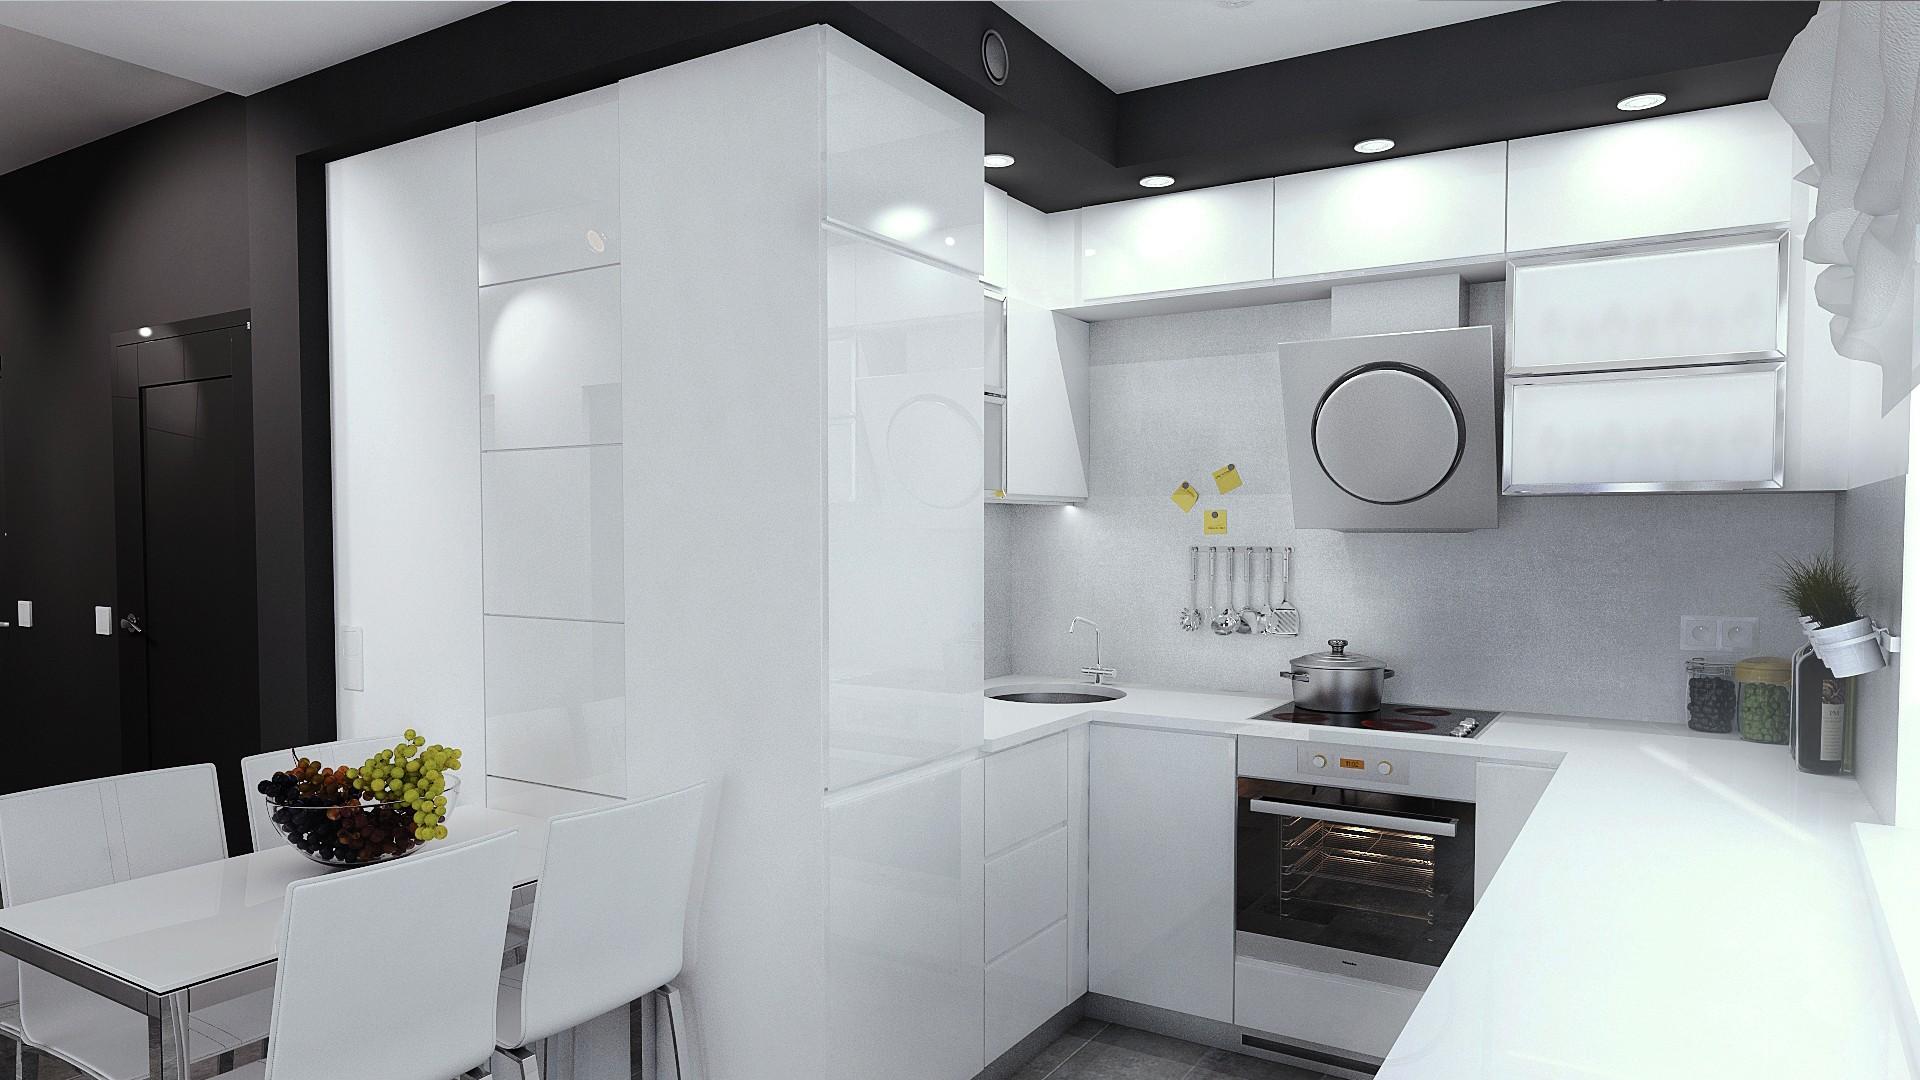 wizualizacja kuchni w mieszkaniu w Katowicach